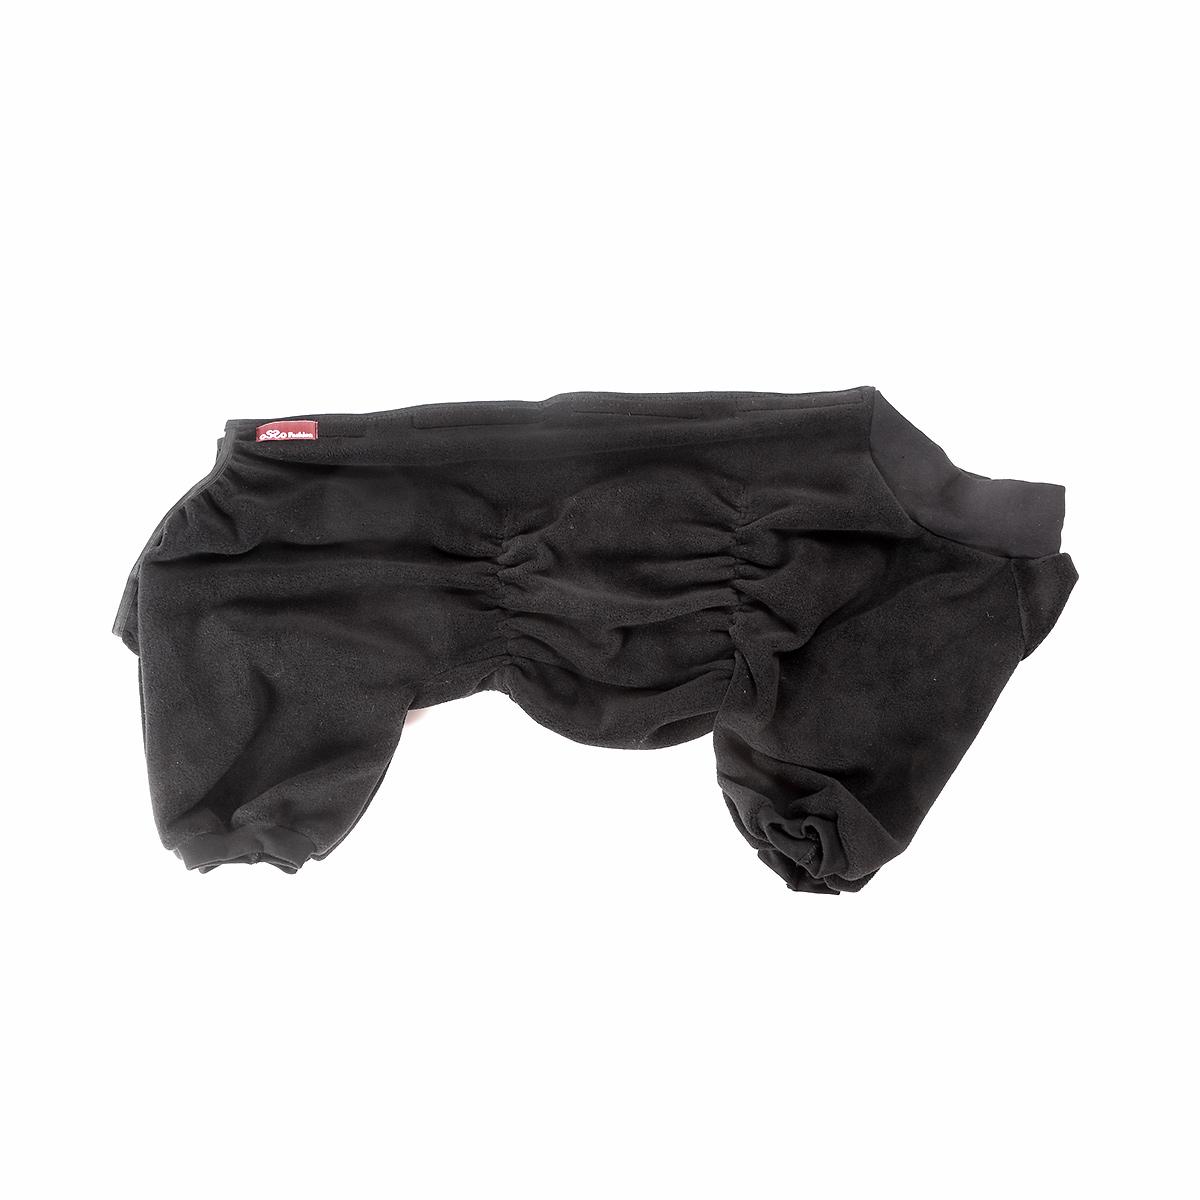 Комбинезон для собак OSSO Fashion, для мальчика, цвет: графит. Размер 55Кф-1020Комбинезон для собак OSSO Fashion выполнен из флиса. Комфортная посадка по корпусу достигается за счет резинок-утяжек под грудью и животом. На воротнике имеются завязки, для дополнительной фиксации. Можно носить самостоятельно и как поддевку под комбинезон для собак. Изделие отлично стирается, быстро сохнет. Длина спинки: 55 см. Объем груди: 66-90 см.